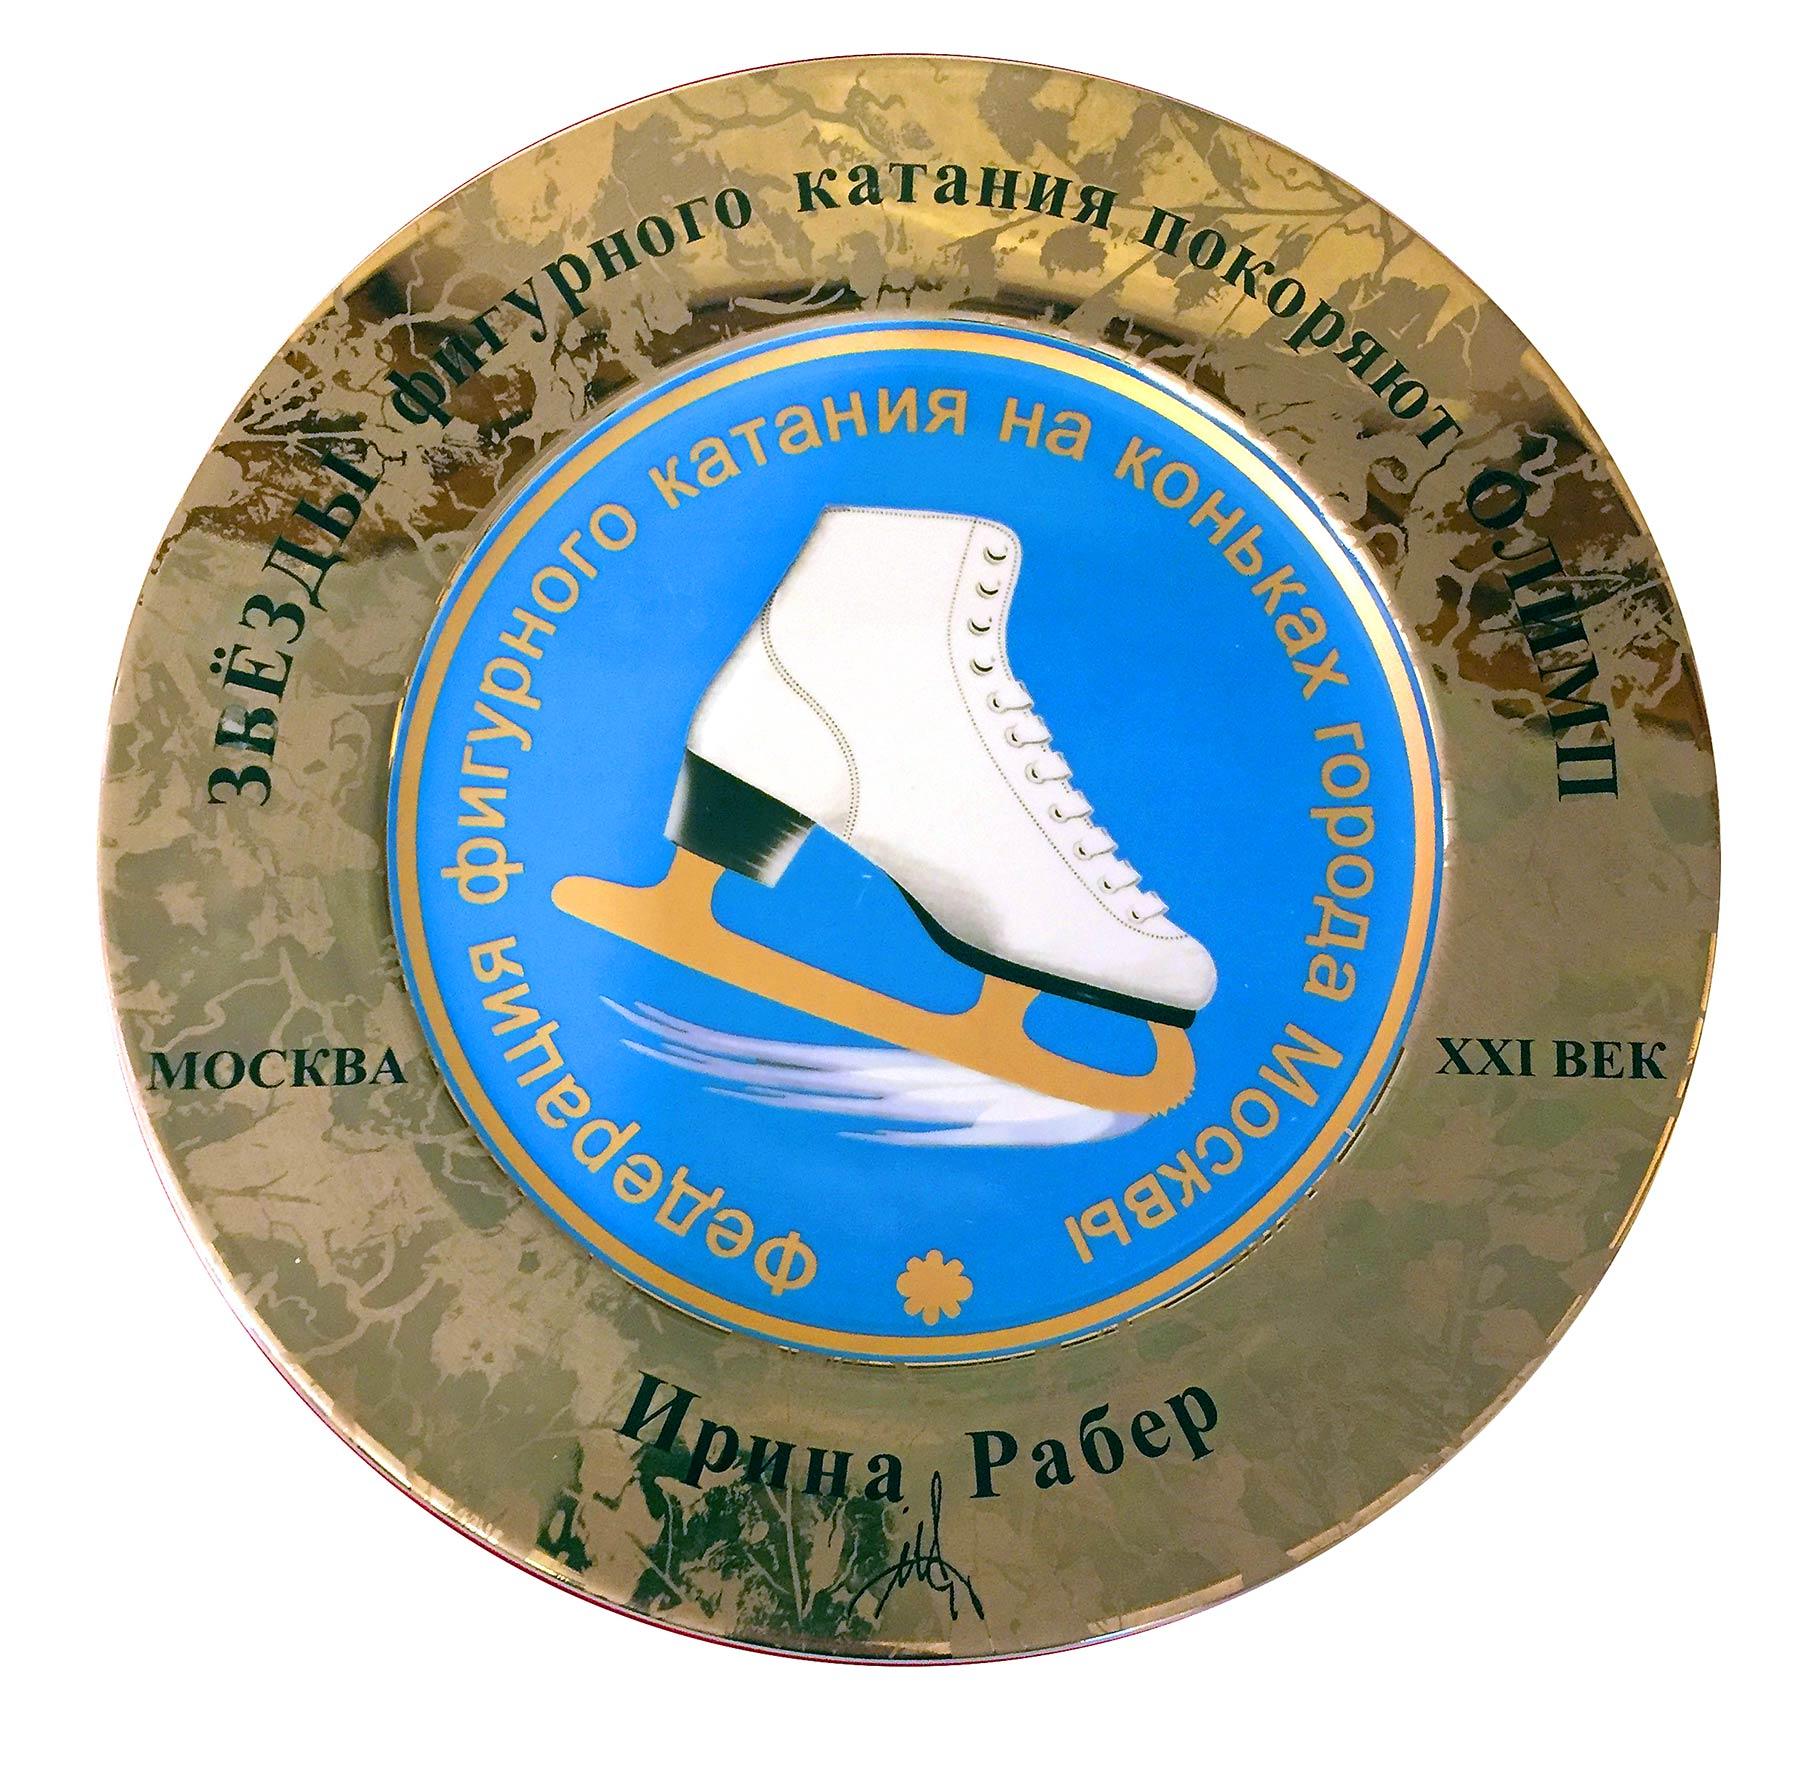 Тарелка «Звезды фигурного катания покоряют Олимп. Москва XXI век